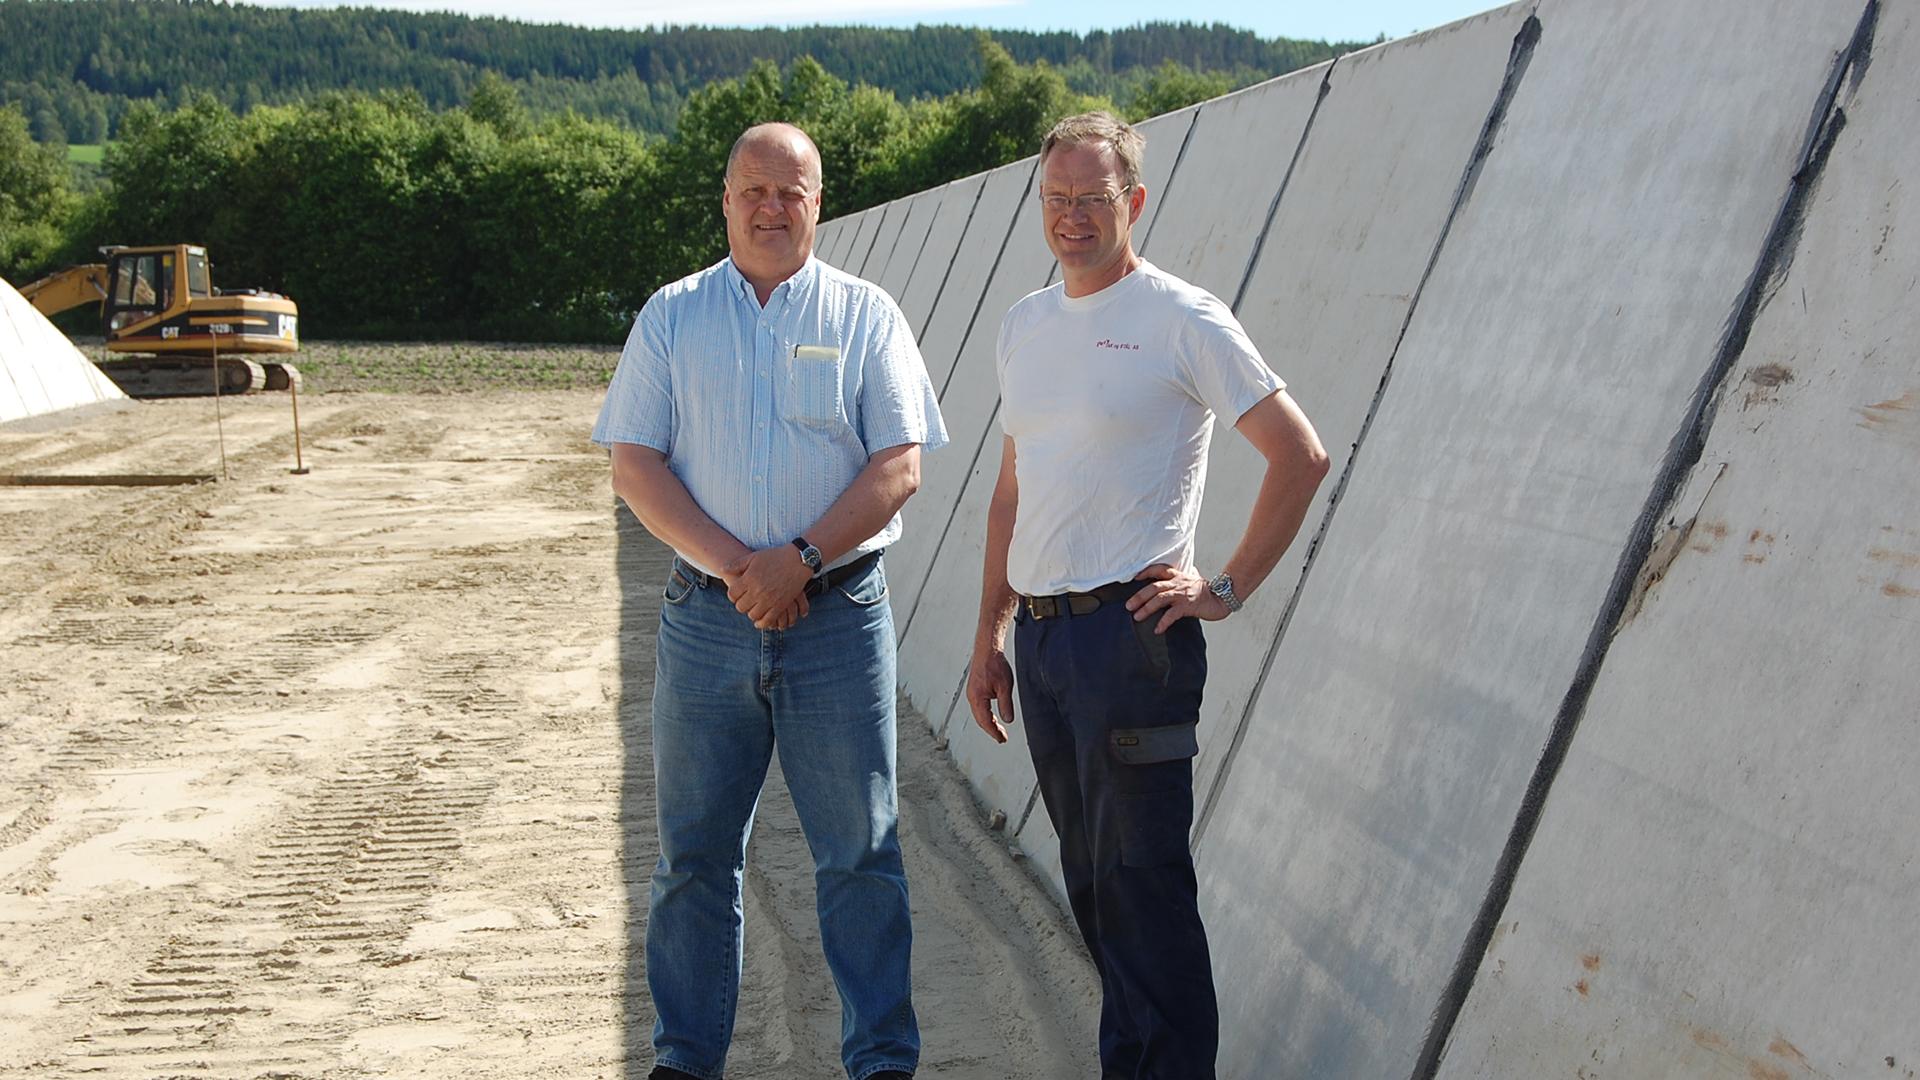 Böck Traunsteiner Silo Referenz Norwegen Erlend Rhonebaek Brandval Bullenmastbetrieb